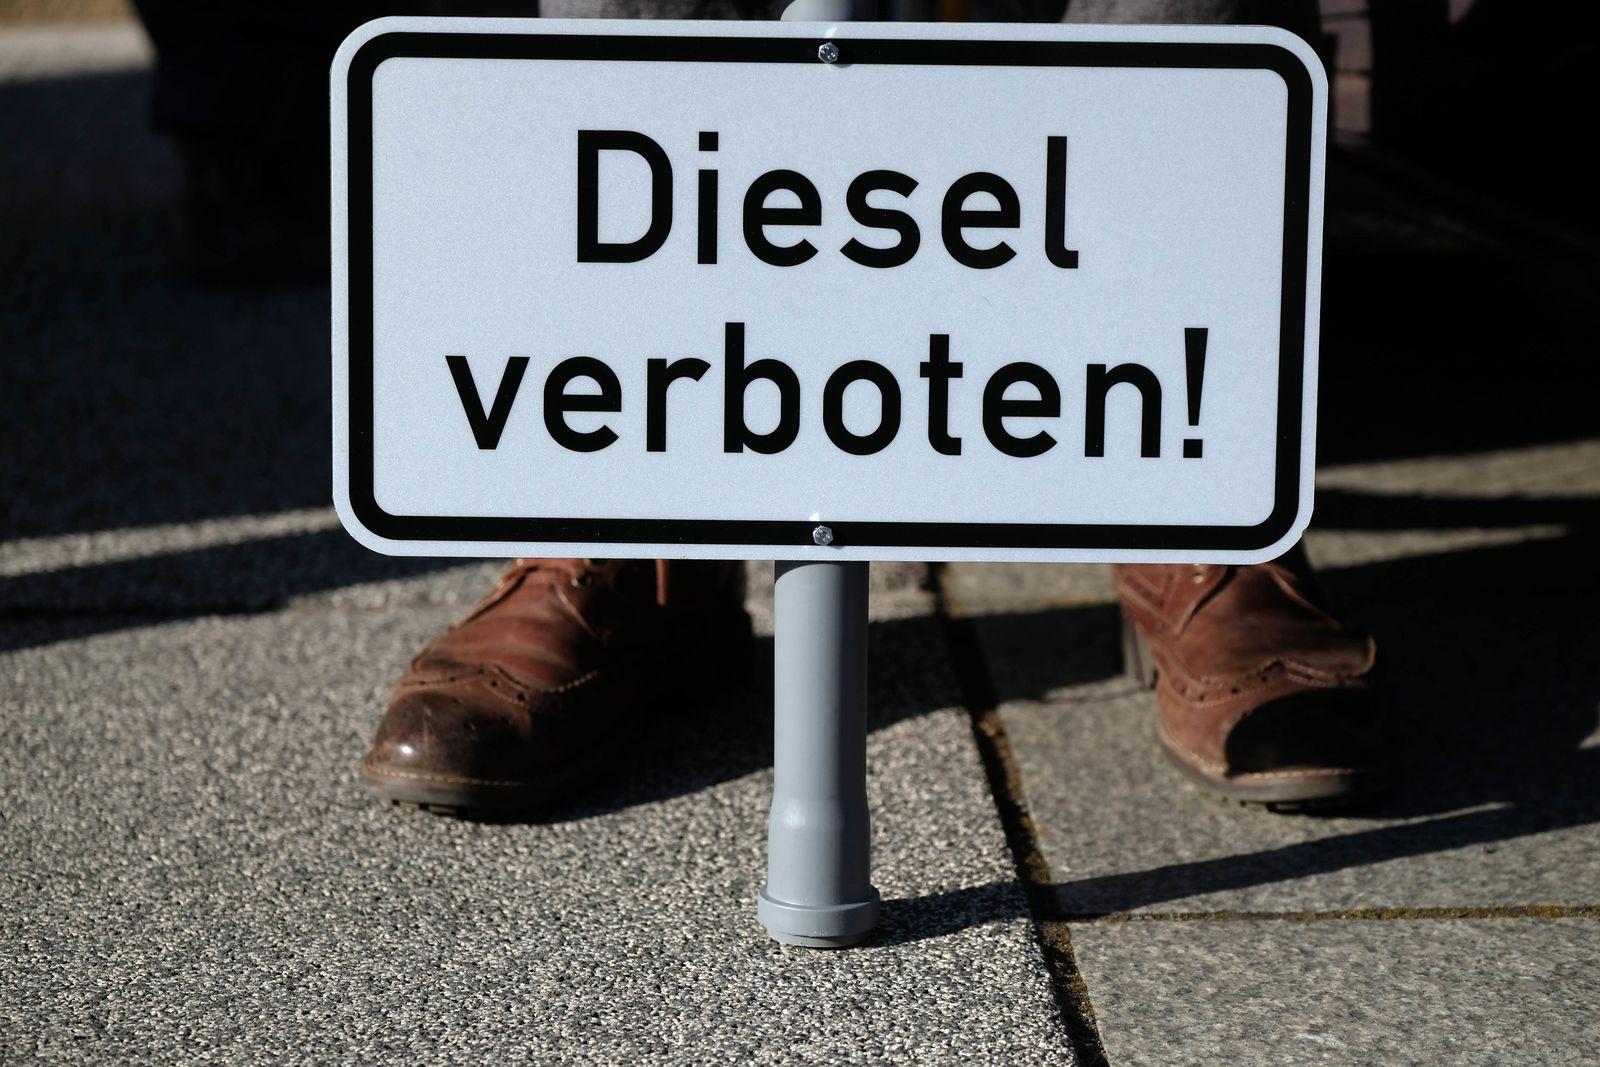 Dieselverbot/ Bundesverwaltungsgericht verhandelt über Diesel-Fahrverbote